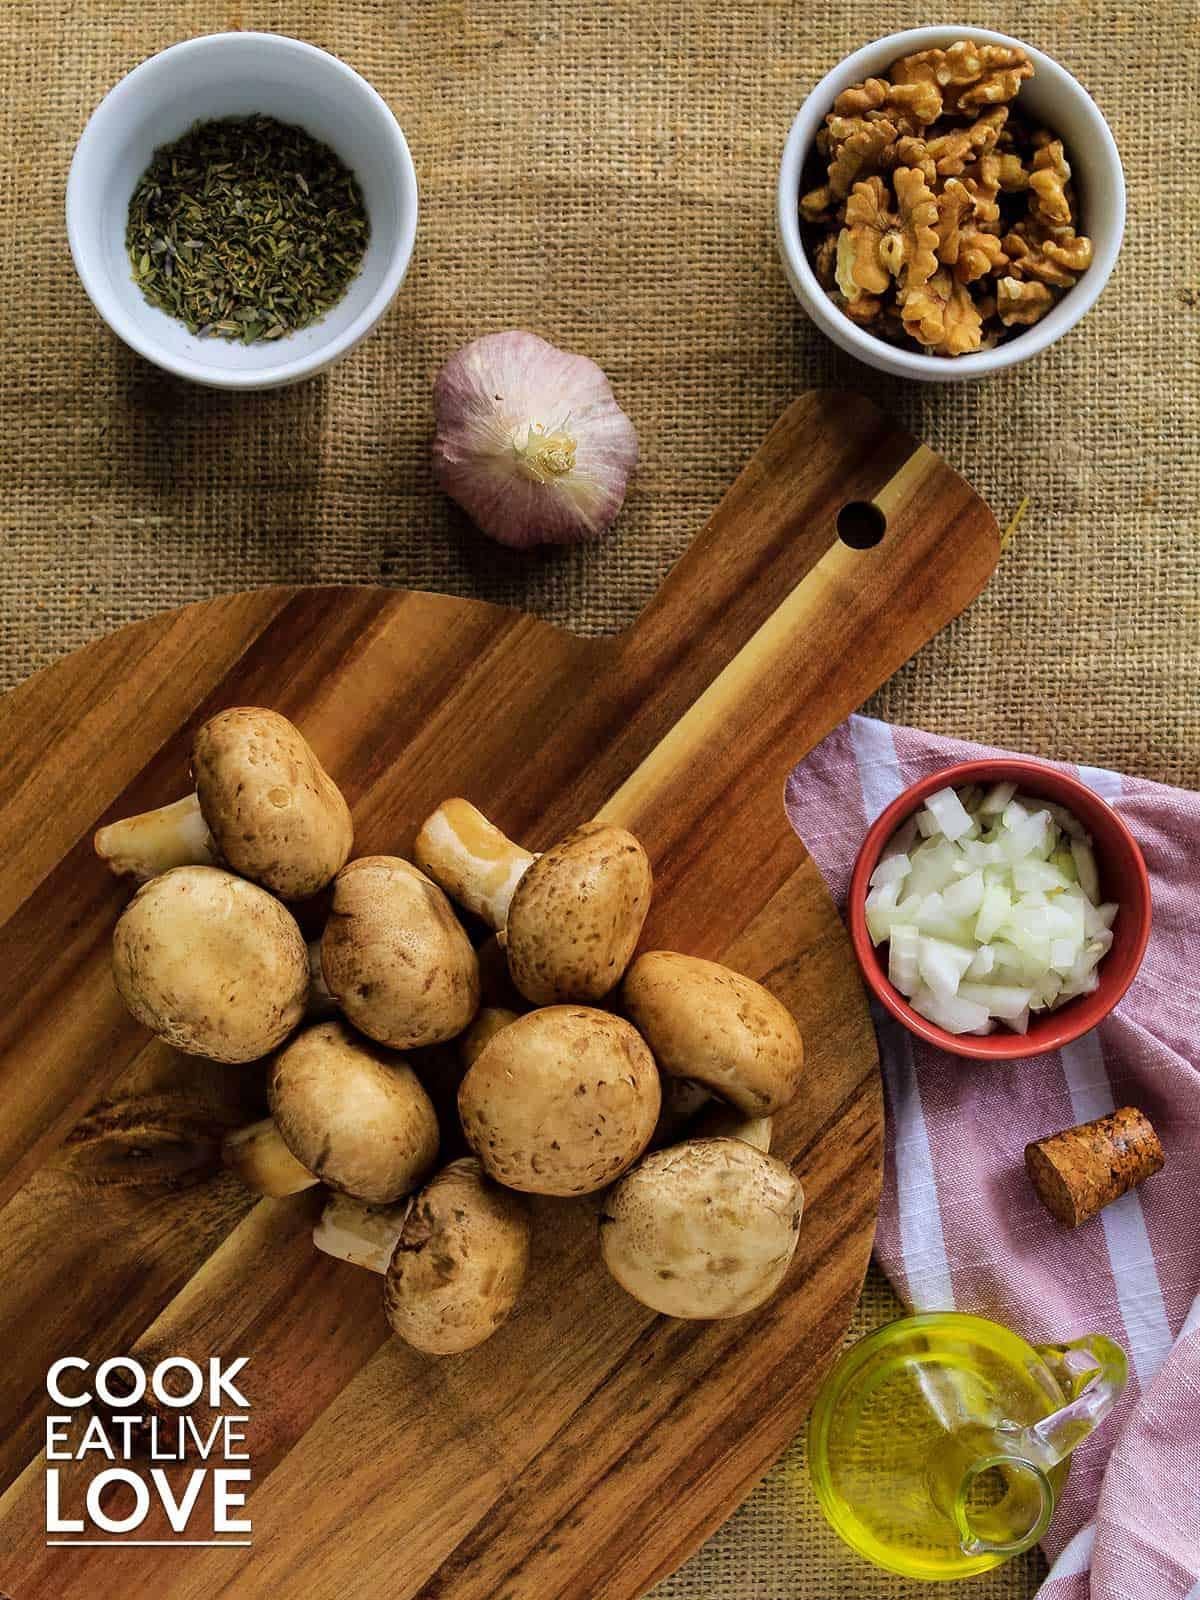 Ingredients to make mushroom vegetarian ravioli filling.